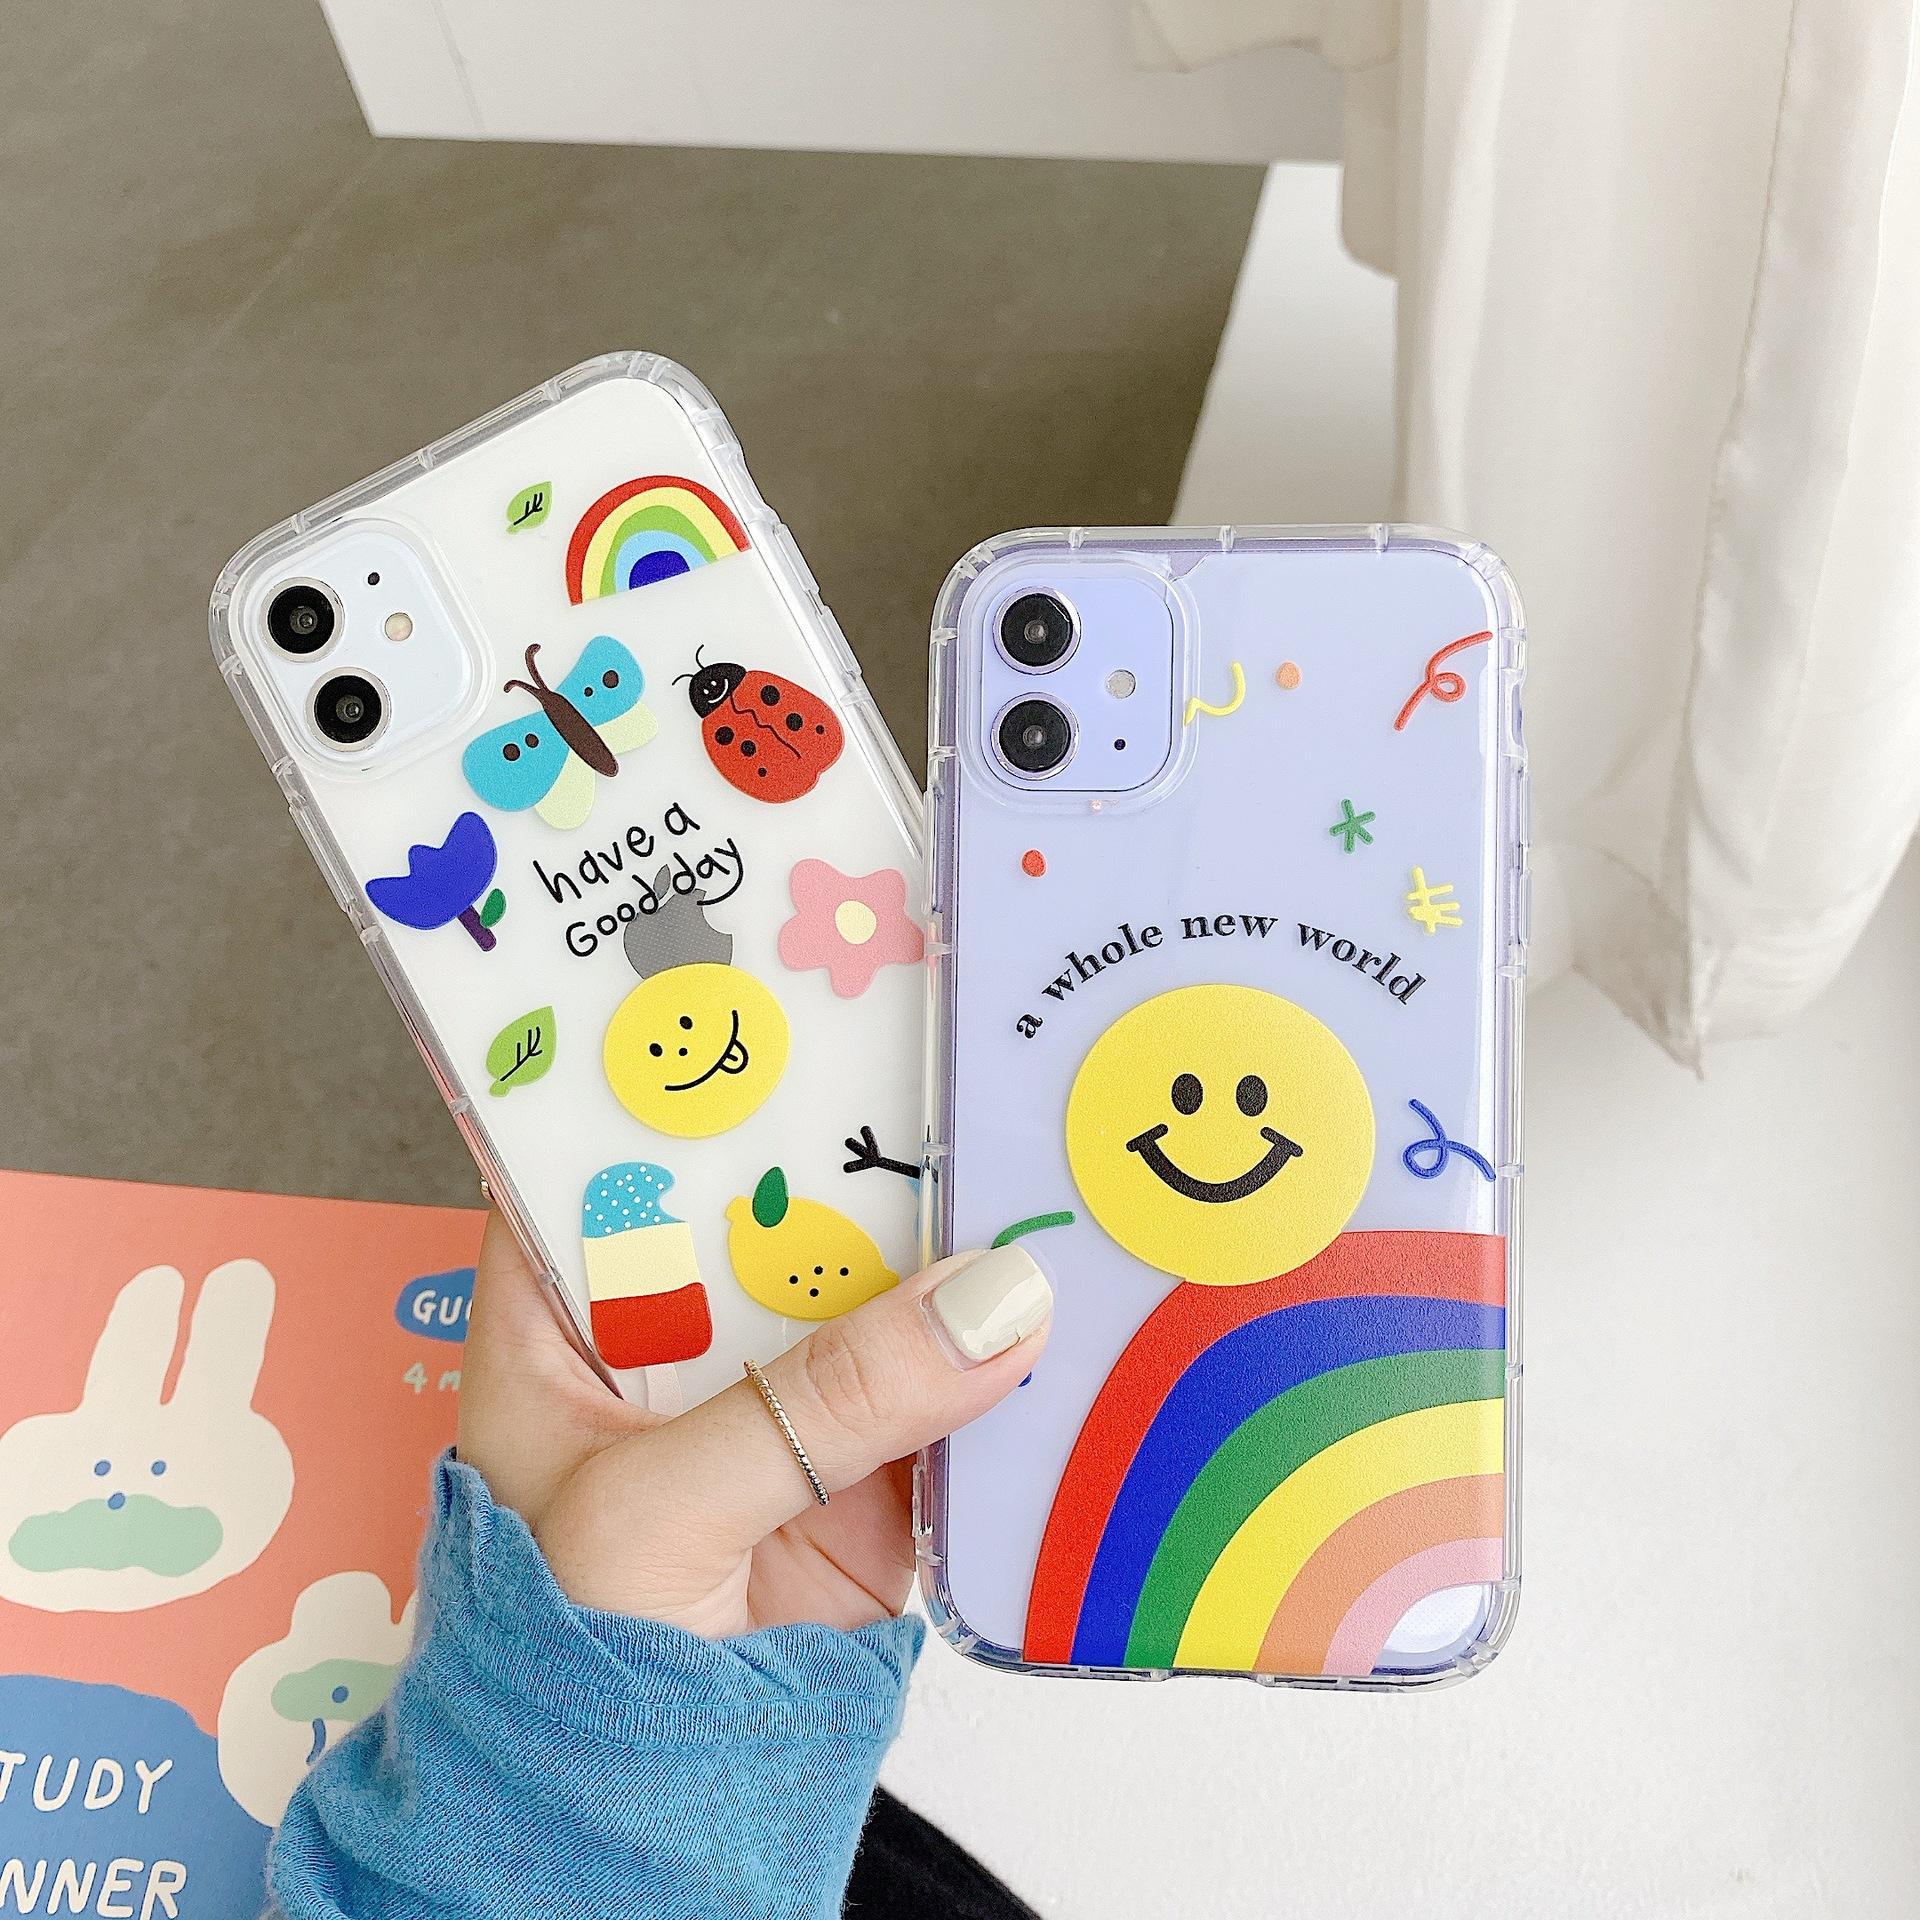 Mignon clair 3D Fashion Phone Case pour iPhone SE Case X XS Max Xr 11 pro 8 7 6s plus souple bling Fundas Cover Coque